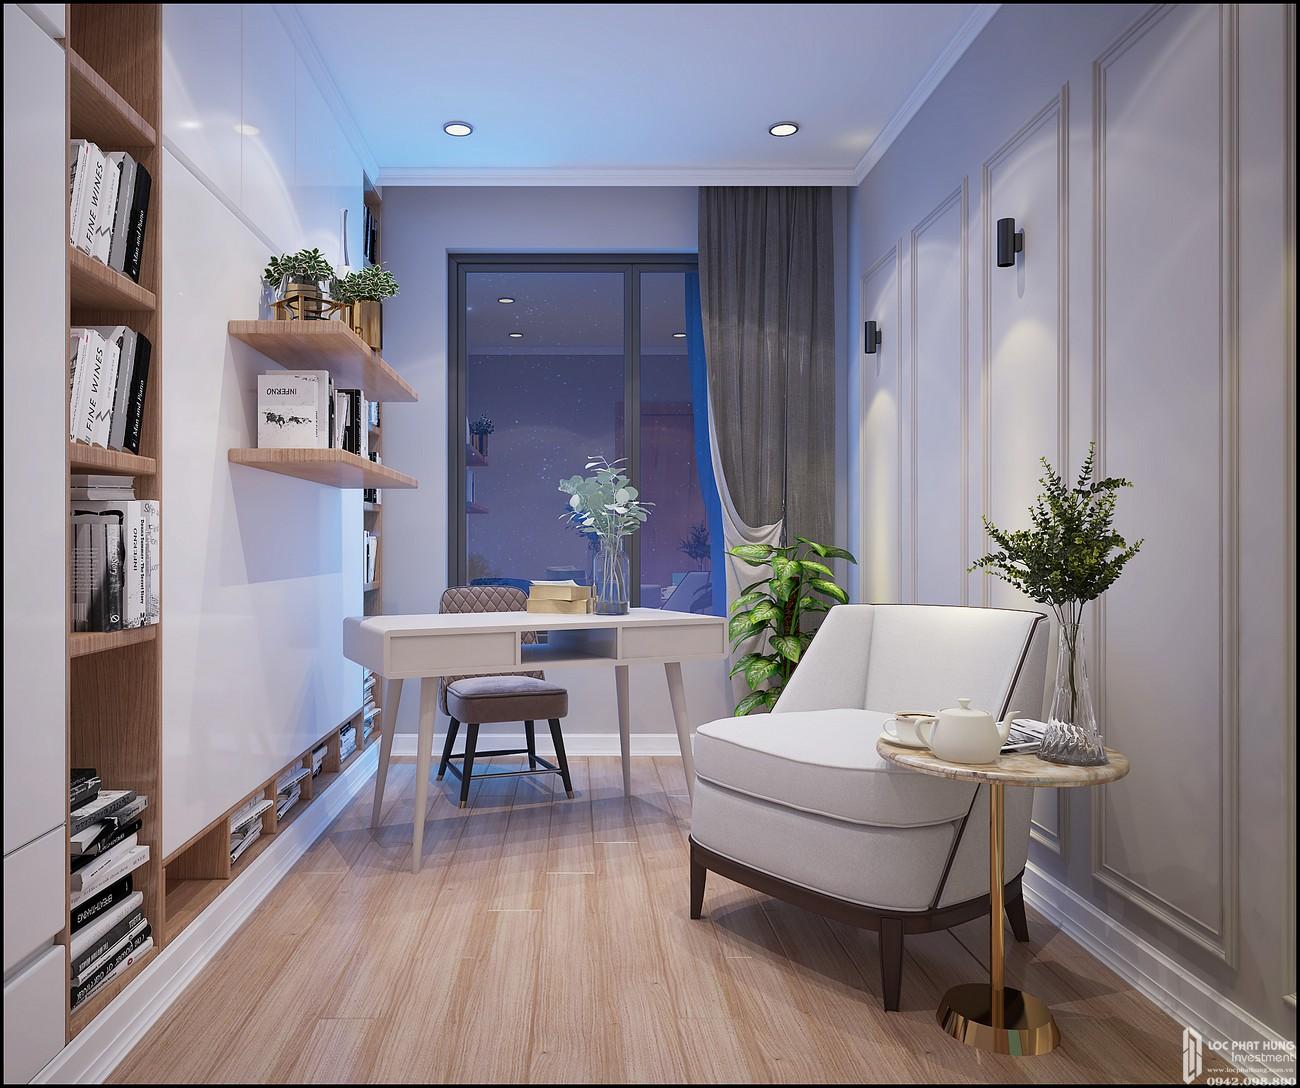 Phòng ngủ Căn Hộ 3PN chung cư Bcons Miền Đông Dĩ An Đường Tân Lập chủ đầu tư Bcons